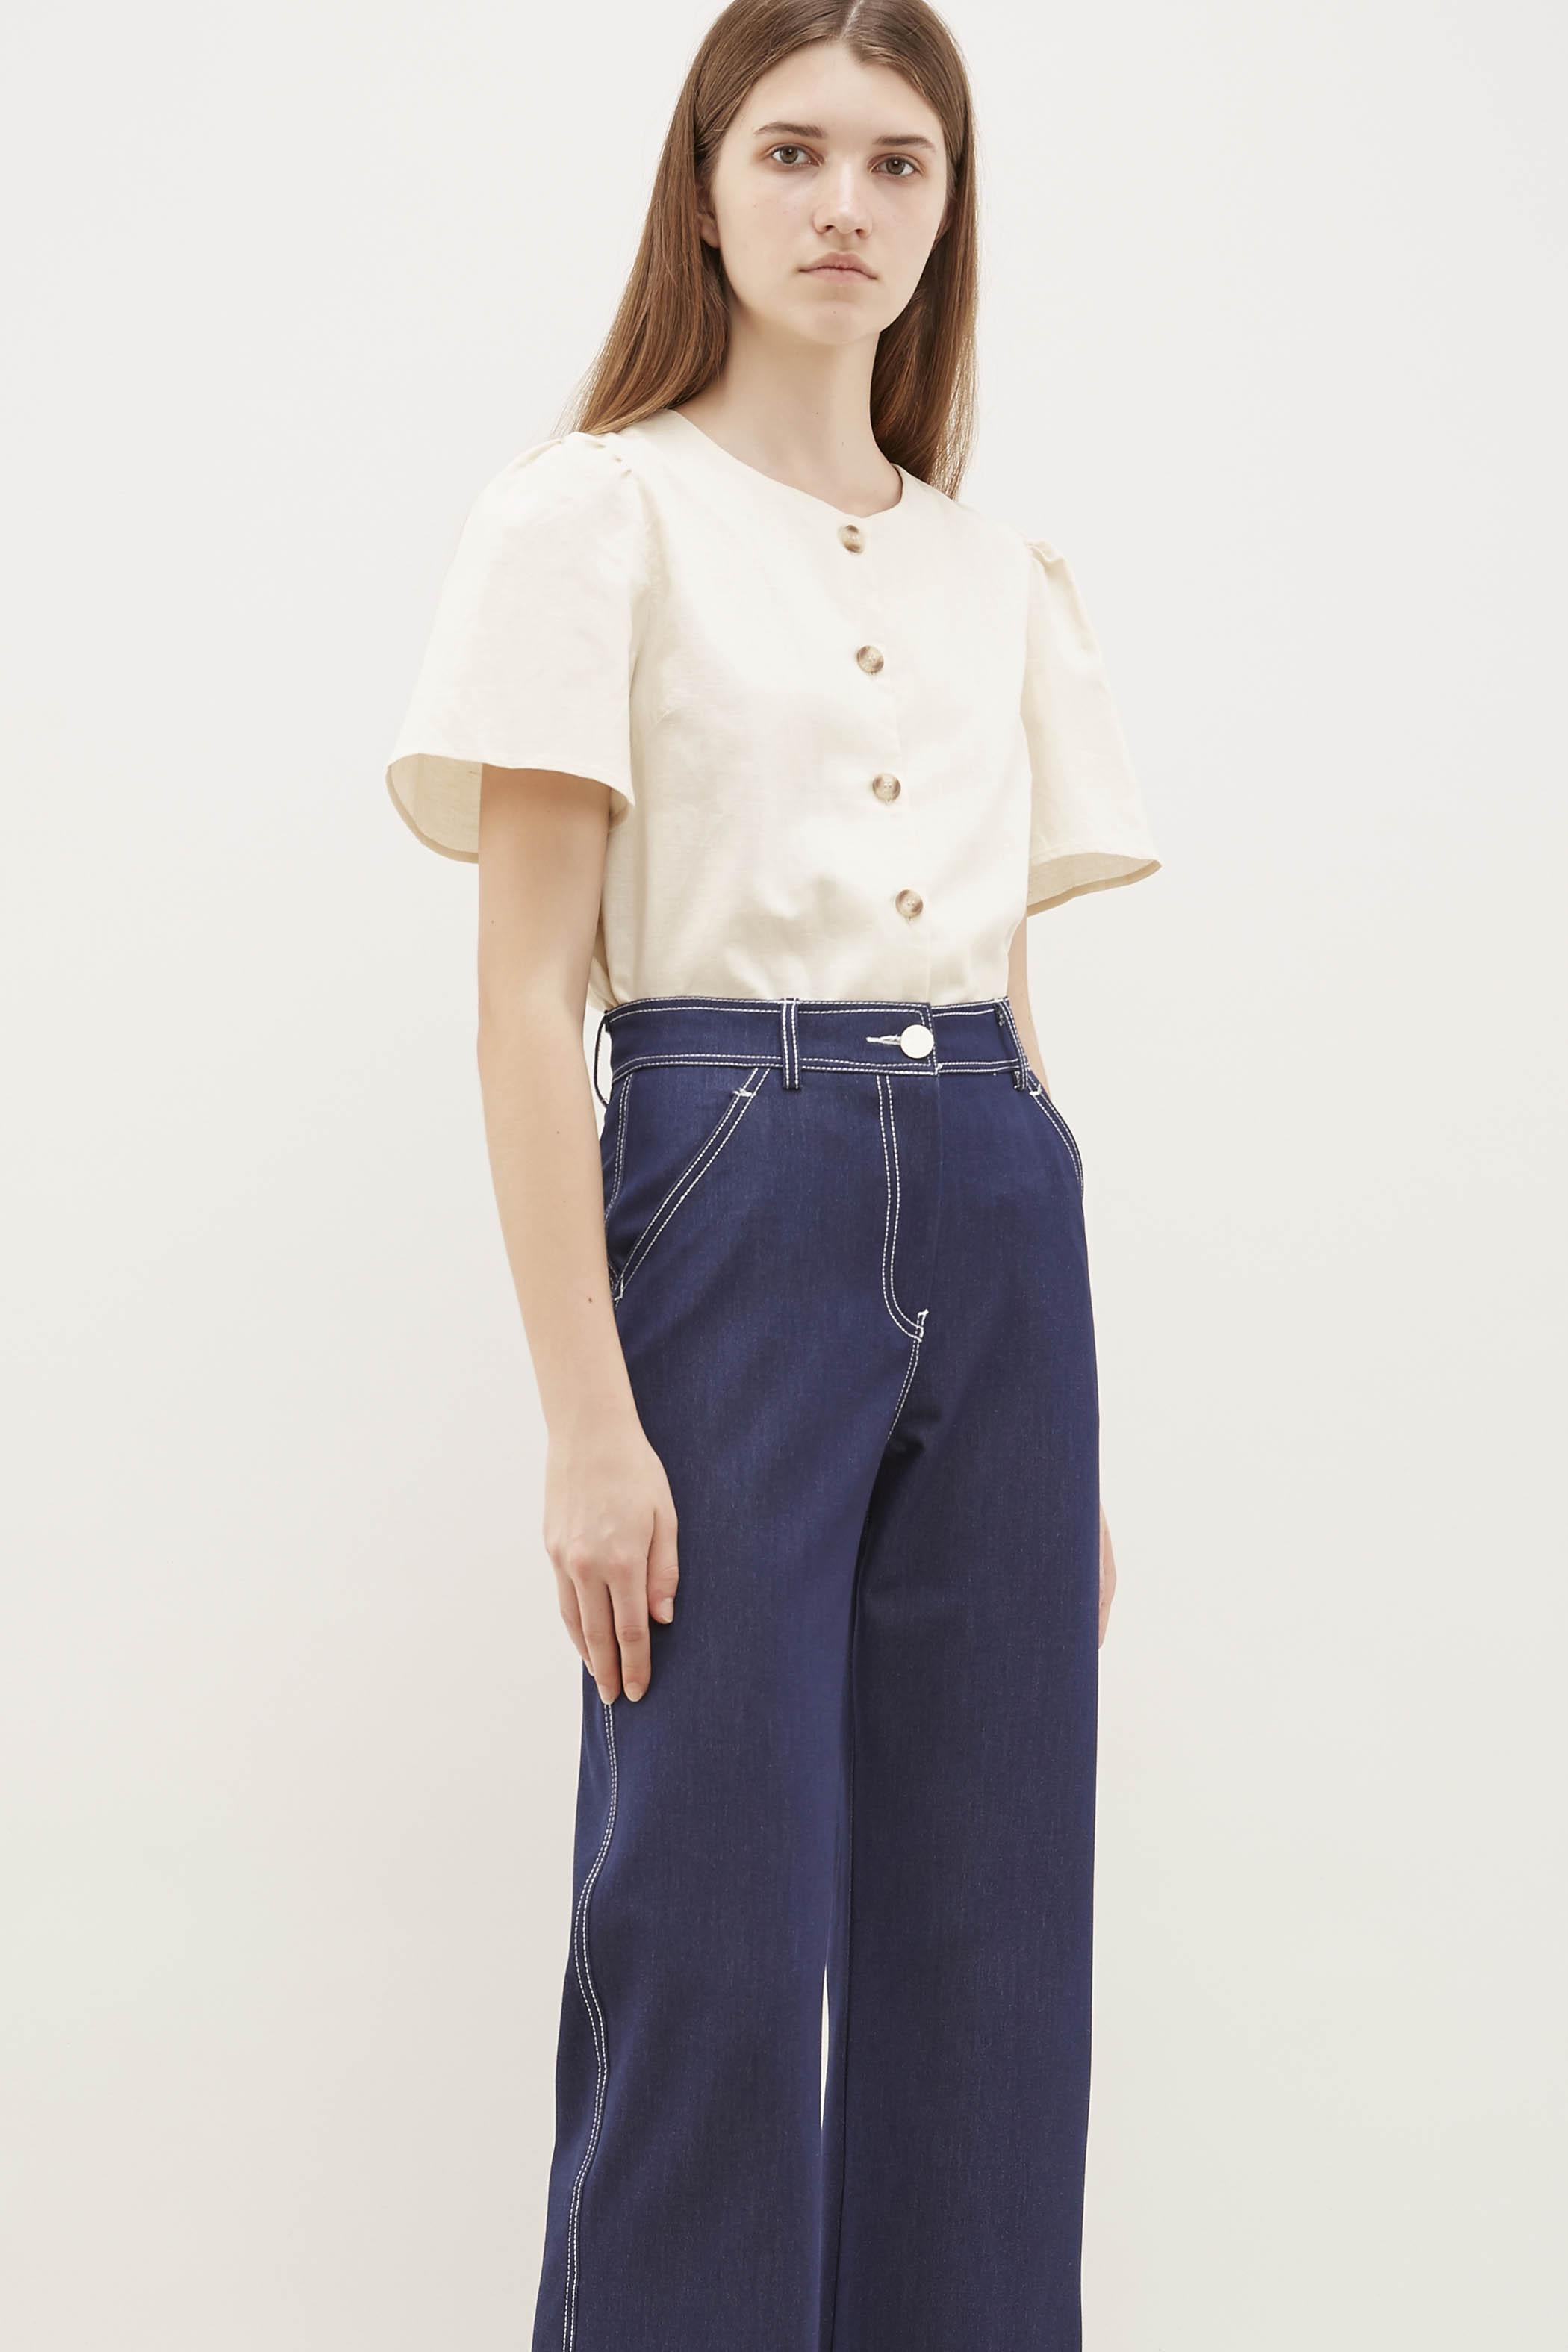 Frine Pouf-Sleeve Blouse